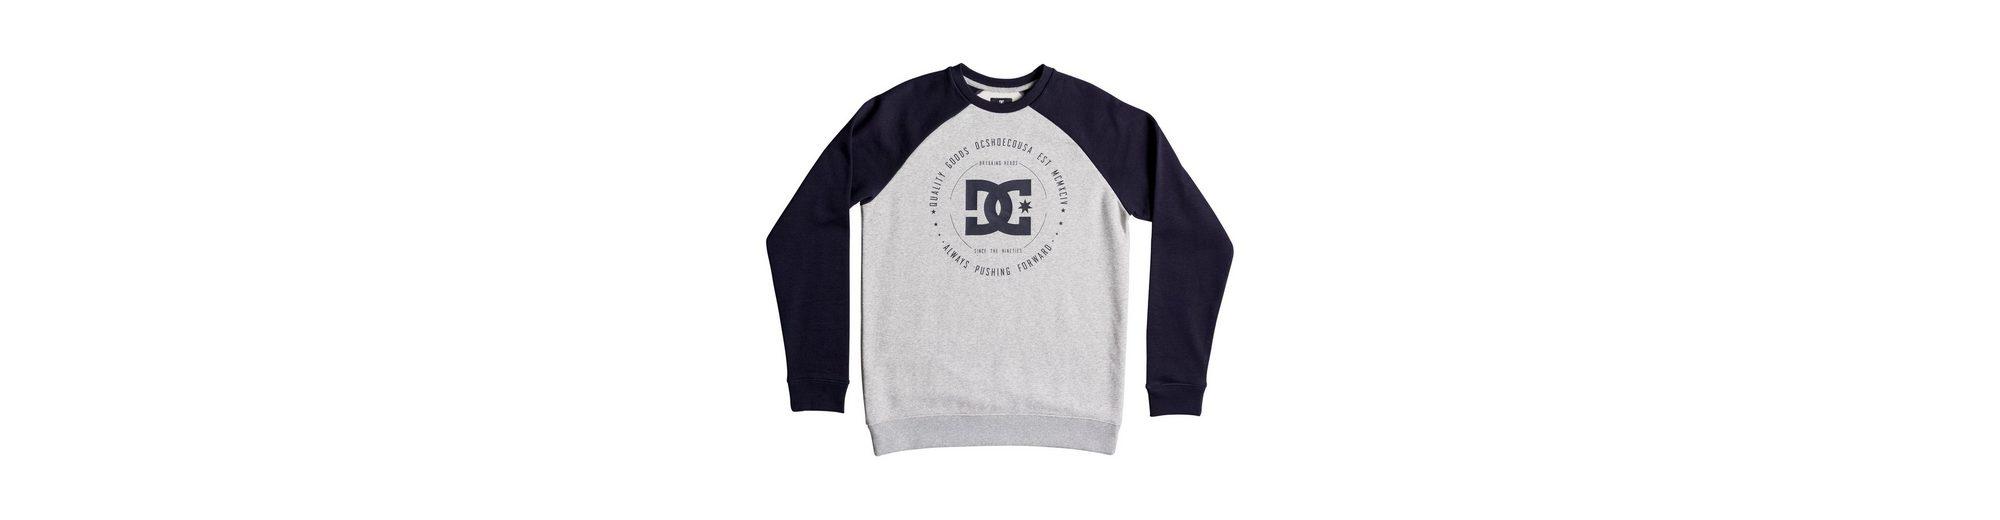 DC Shoes Sweatshirt Rebuilt Raglan Günstig Kaufen Offiziellen Einen Günstigen Preis Classic Zum Verkauf Outlet Kaufen 1aoilLU0F